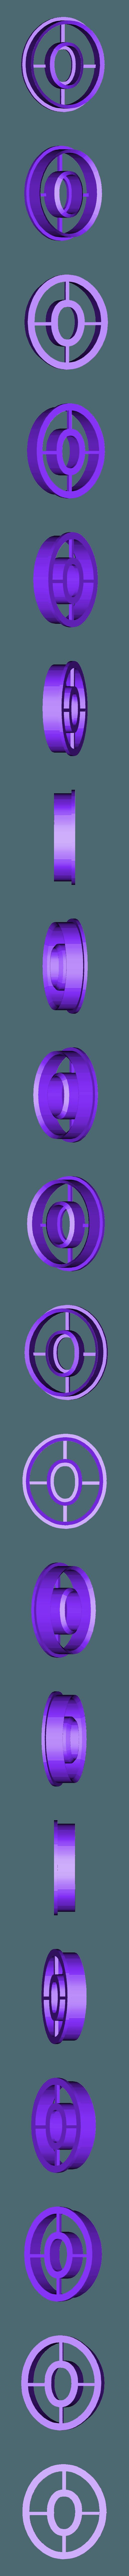 0-Zero.stl Télécharger fichier STL gratuit Numéros de Play-Doh/Cookie Cutters • Plan imprimable en 3D, RT3DWorkshop